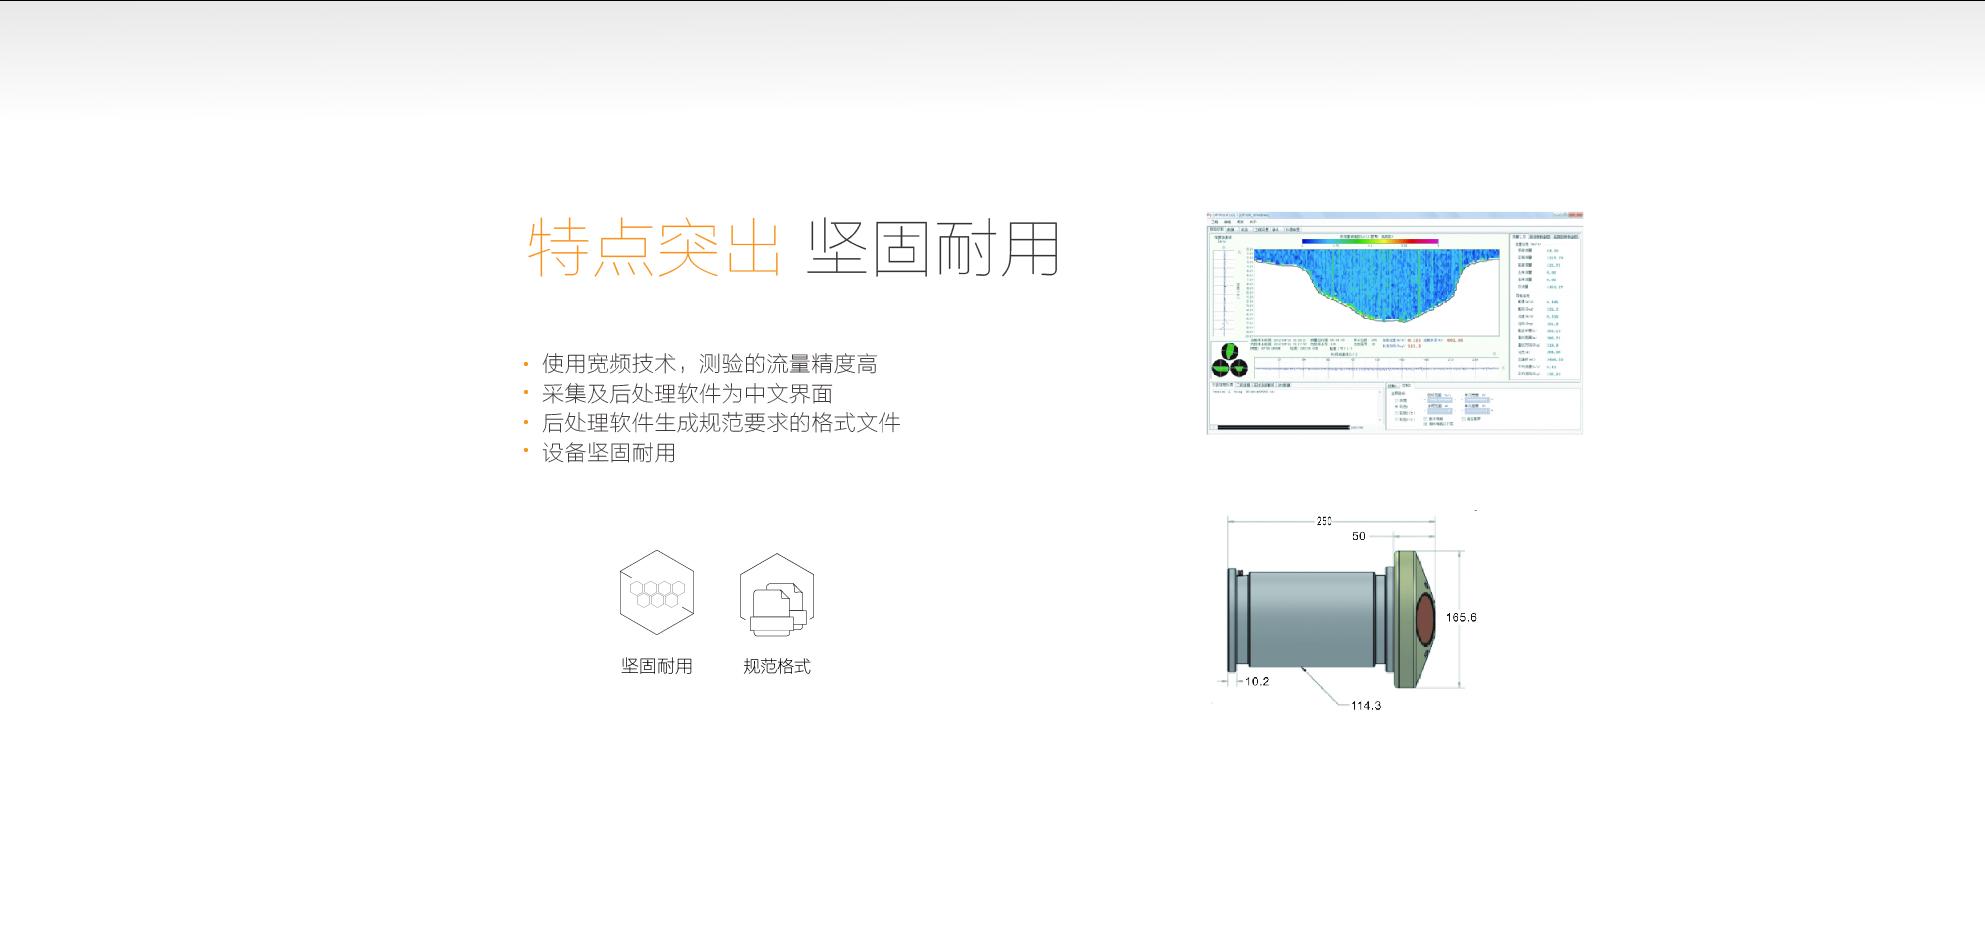 華測導航RTDP1200 ADCP多普勒流速儀,堅固耐用,格式規範,華測導航